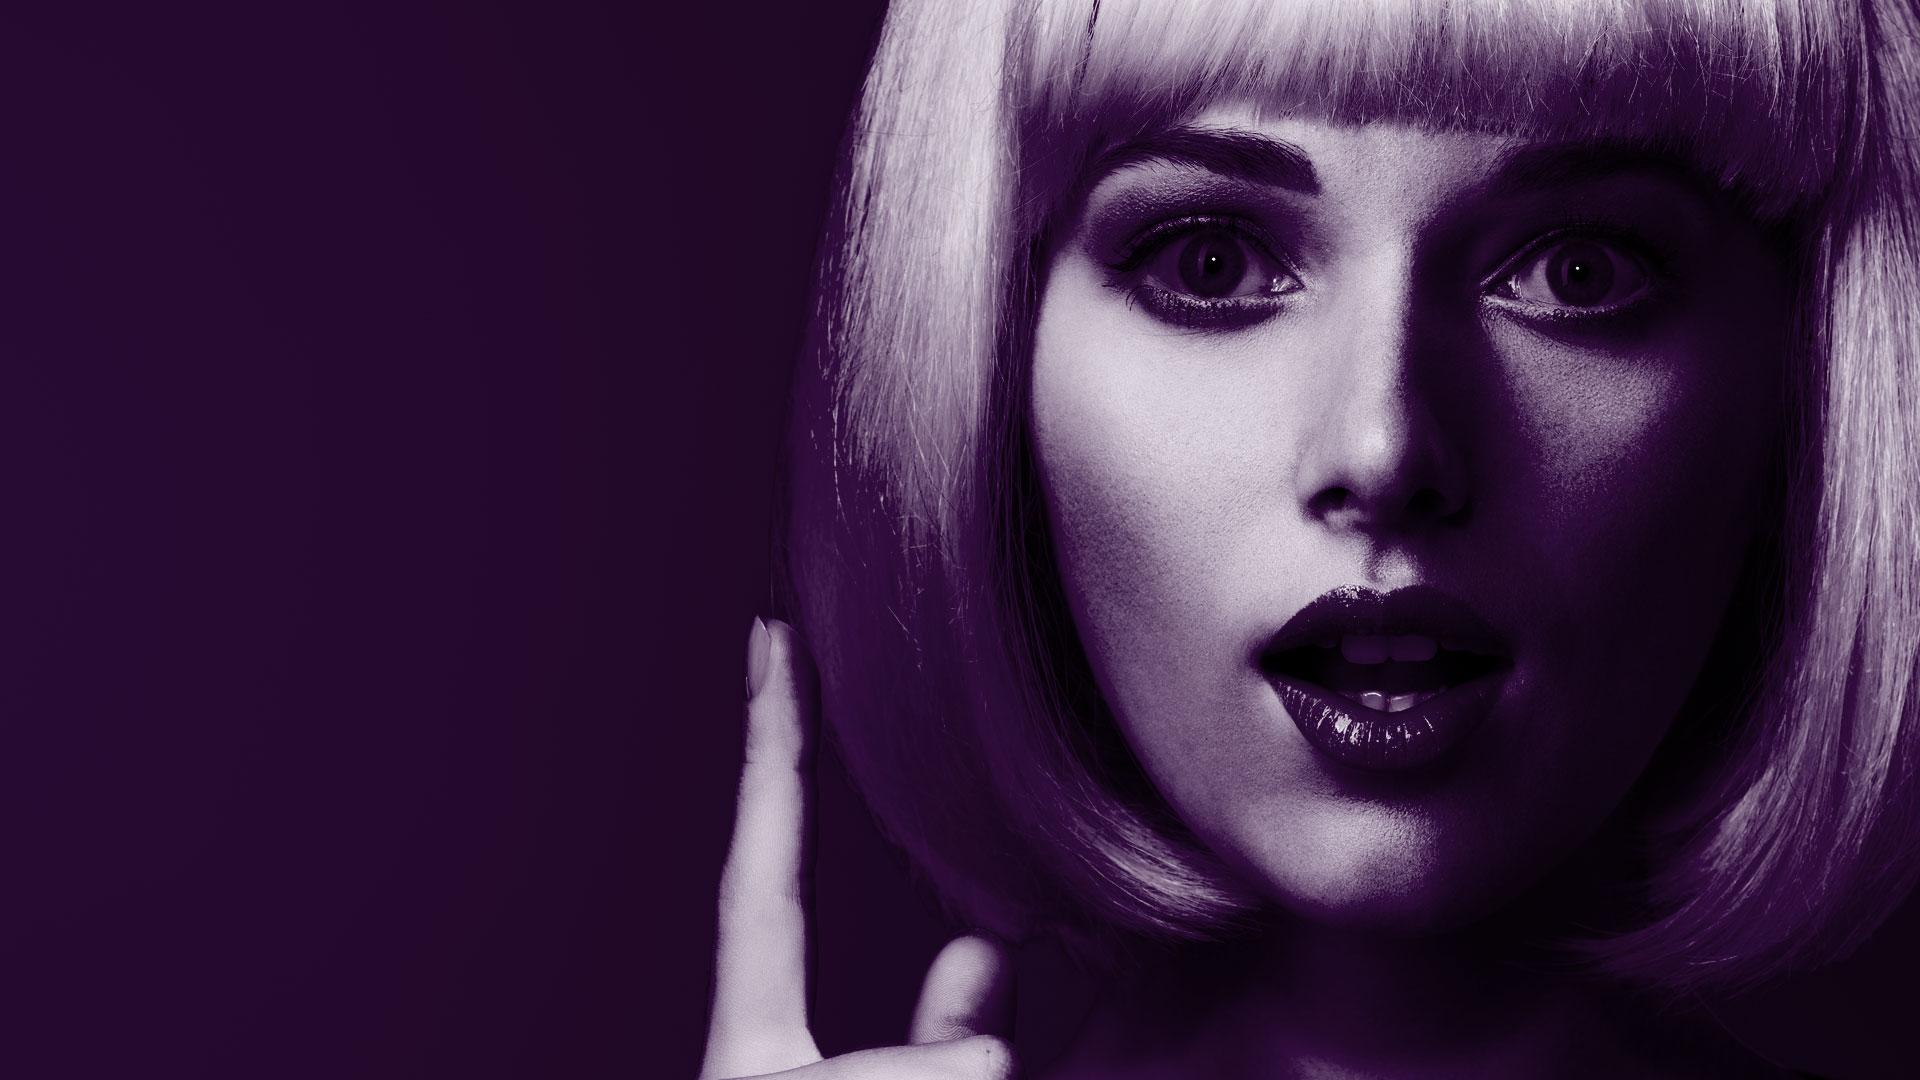 5-femme-images-website-1920x1080-violet-